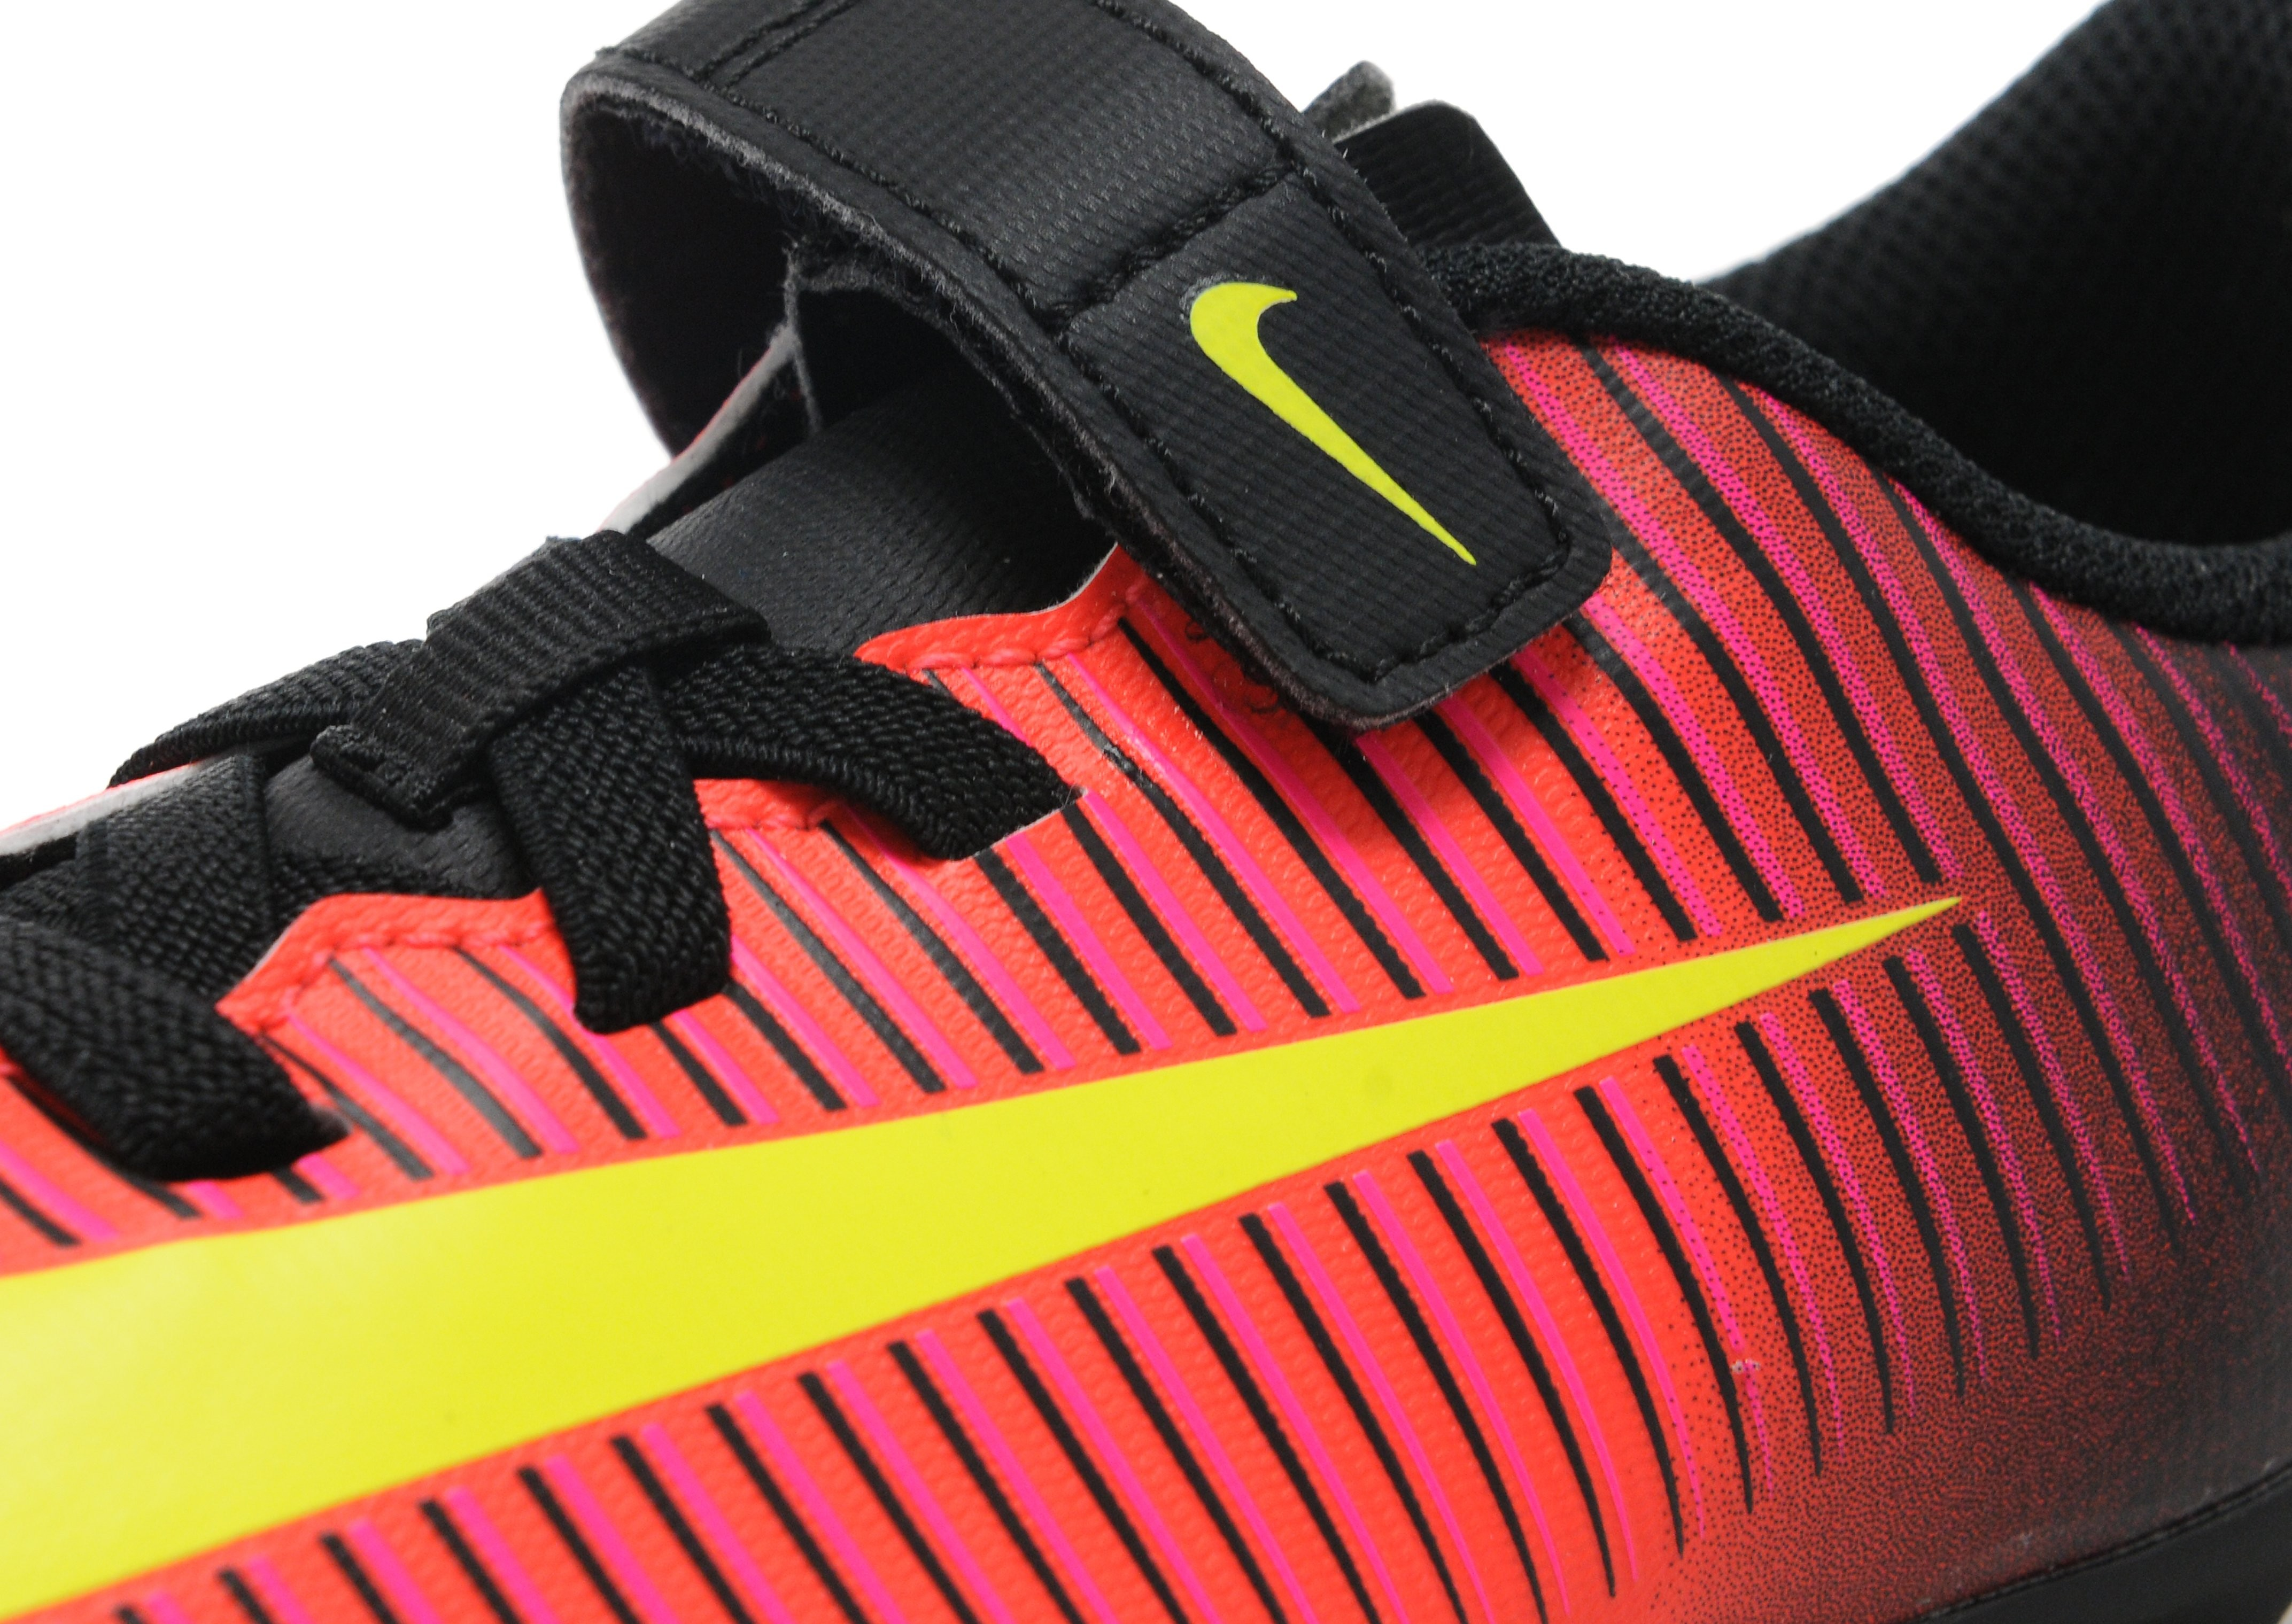 Nike Spark Brilliance Mercurial Vortex III FG Children